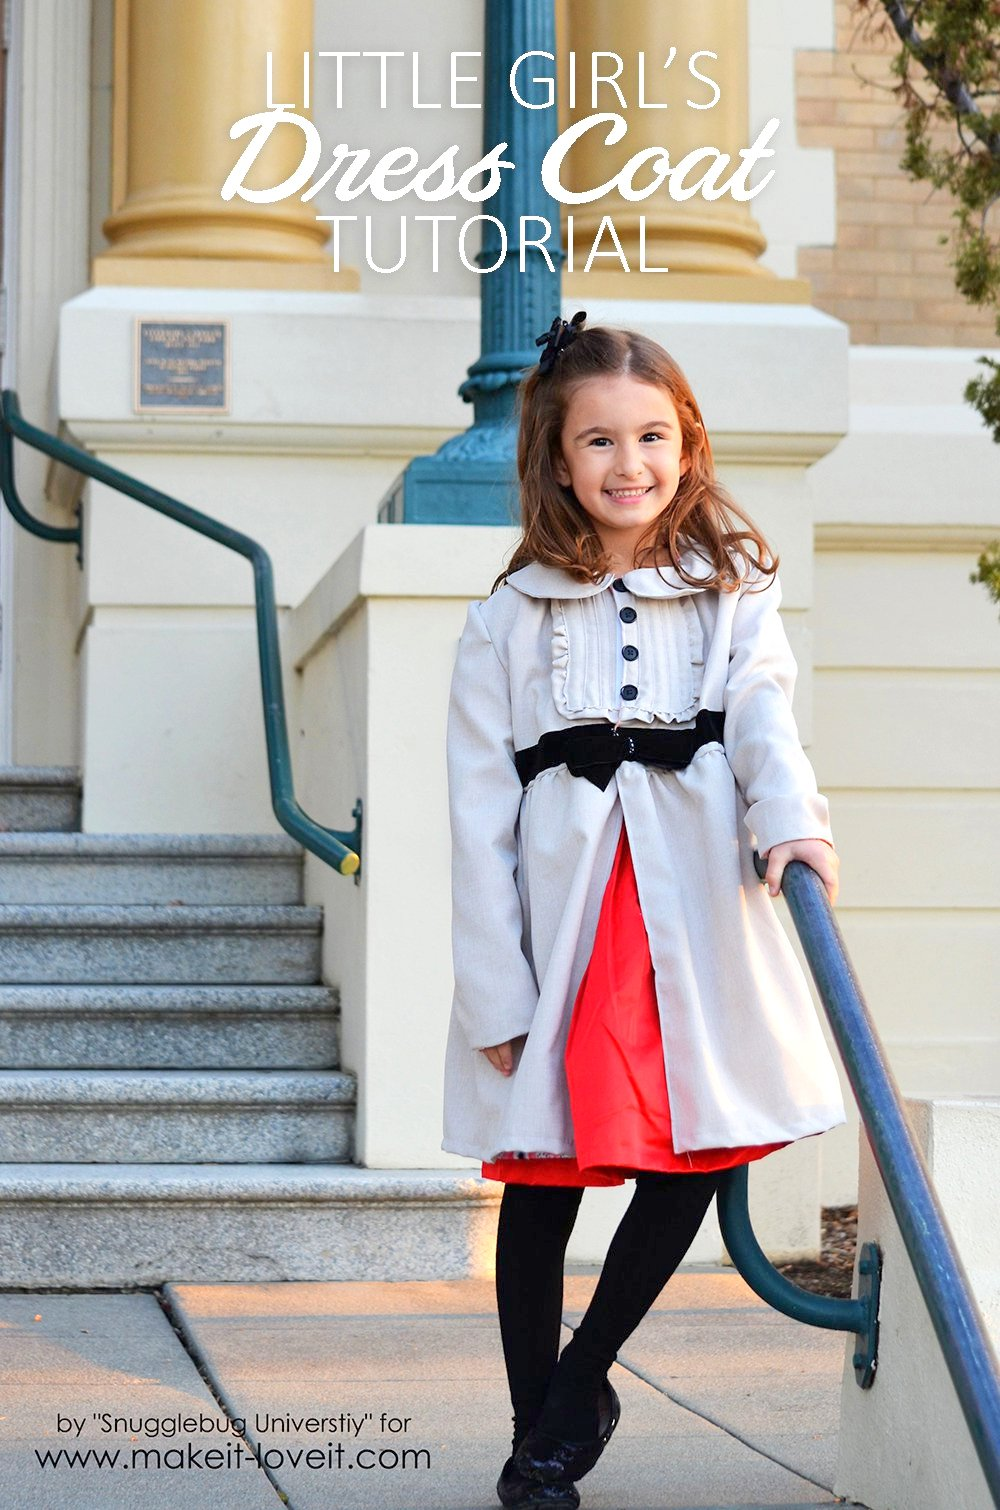 Little Girl's Dress Coat Tutorial